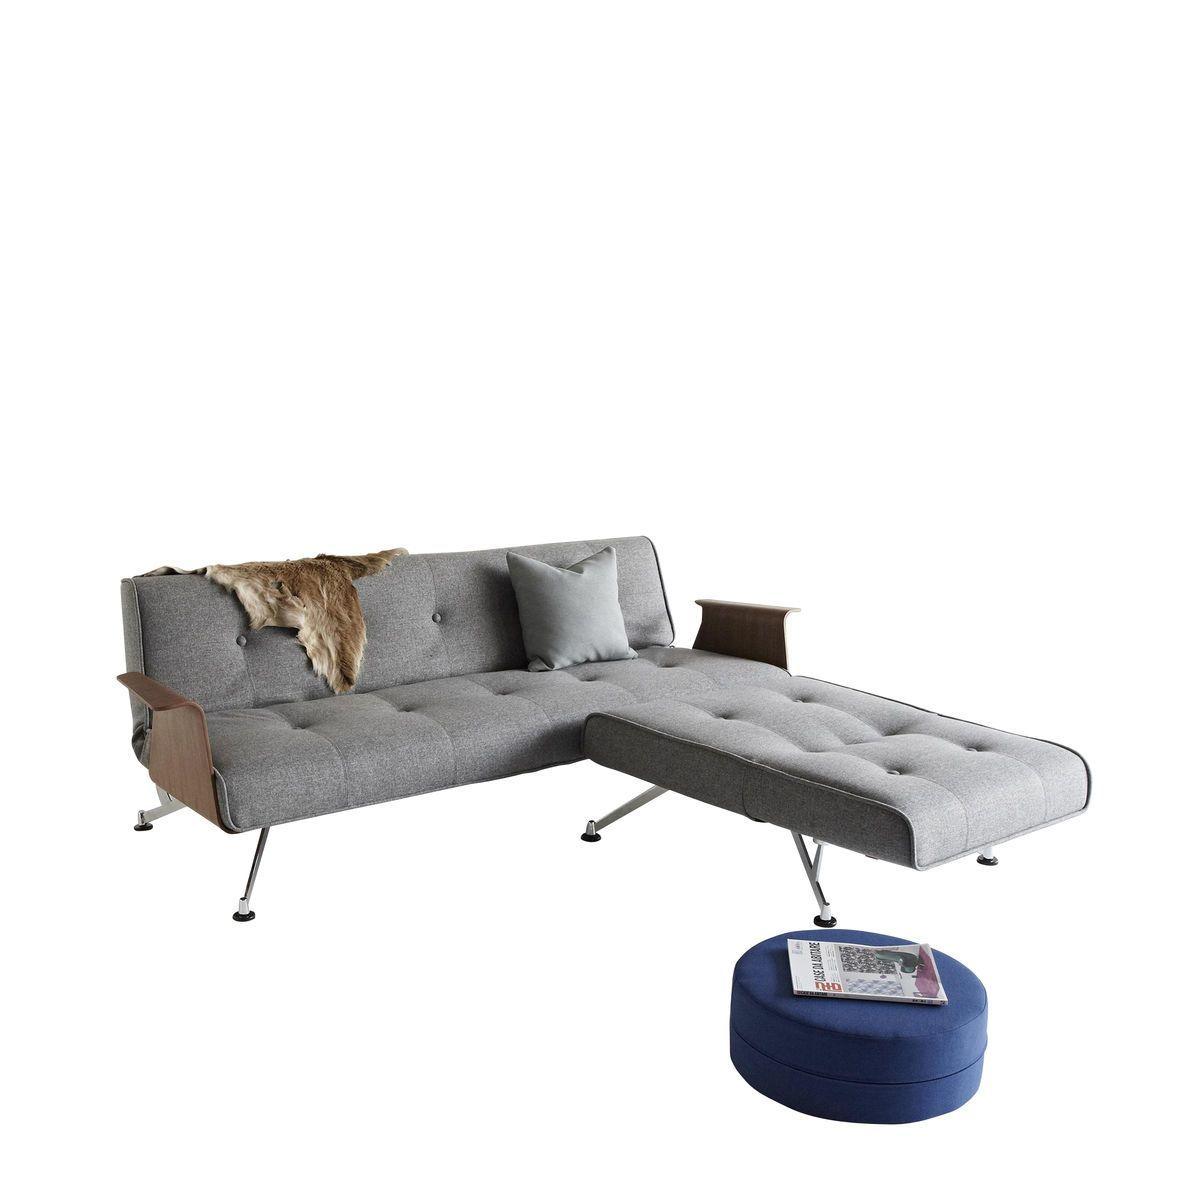 clubber 03 sofa bed with armrests innovation. Black Bedroom Furniture Sets. Home Design Ideas